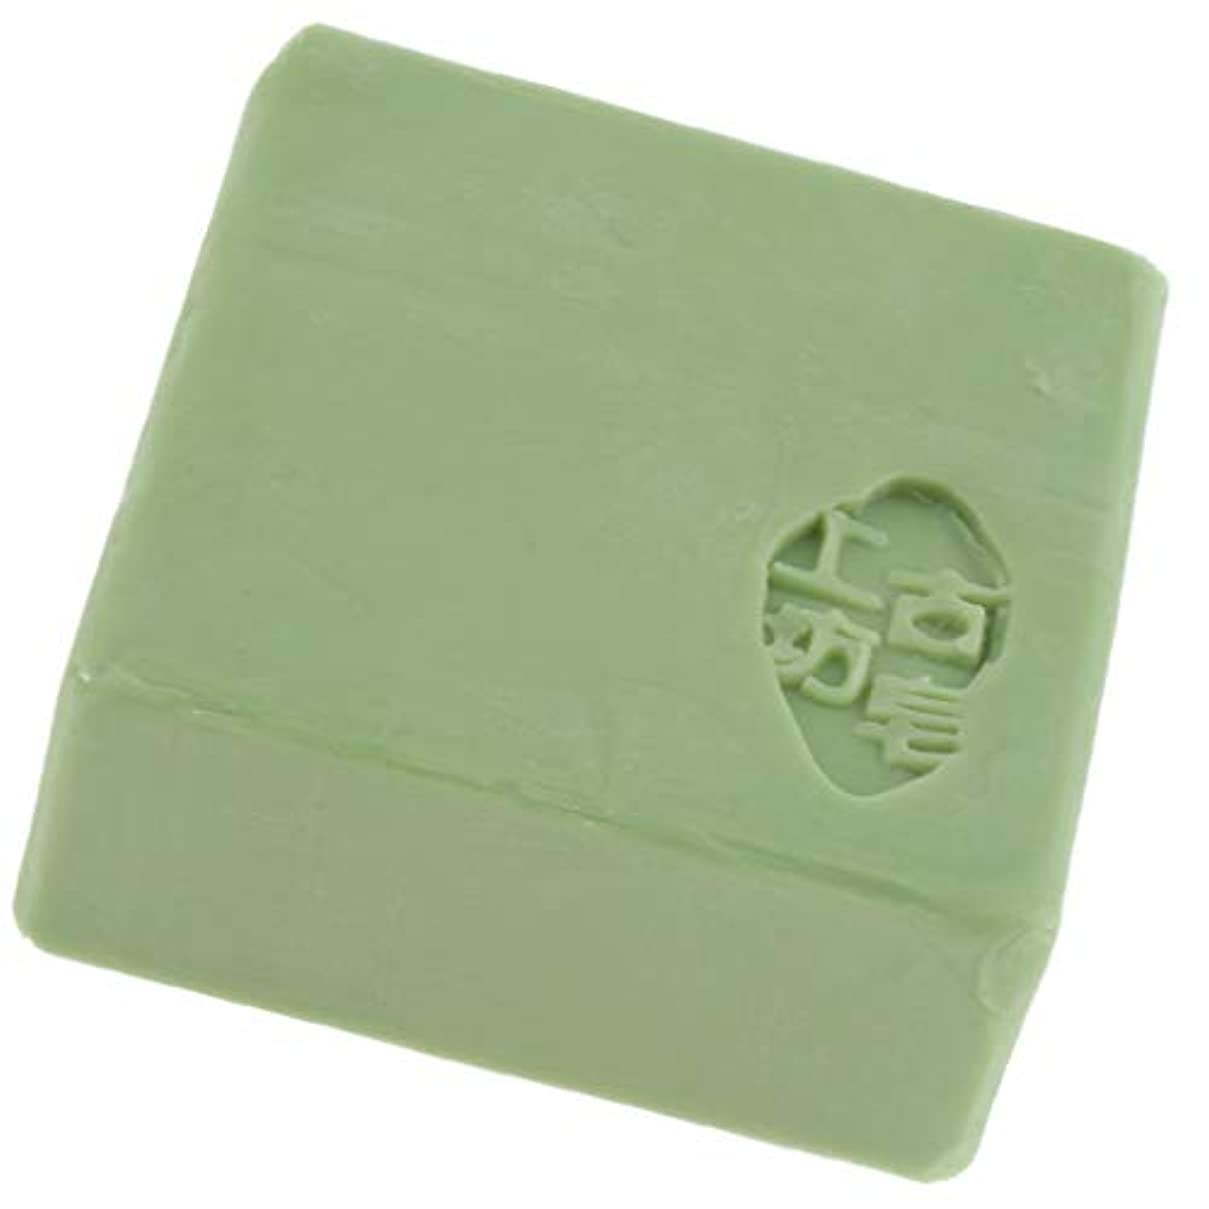 国民情熱溶かすBaoblaze バス スキンケア フェイス ボディソープ 石鹸 保湿 好意 全3色 - 緑